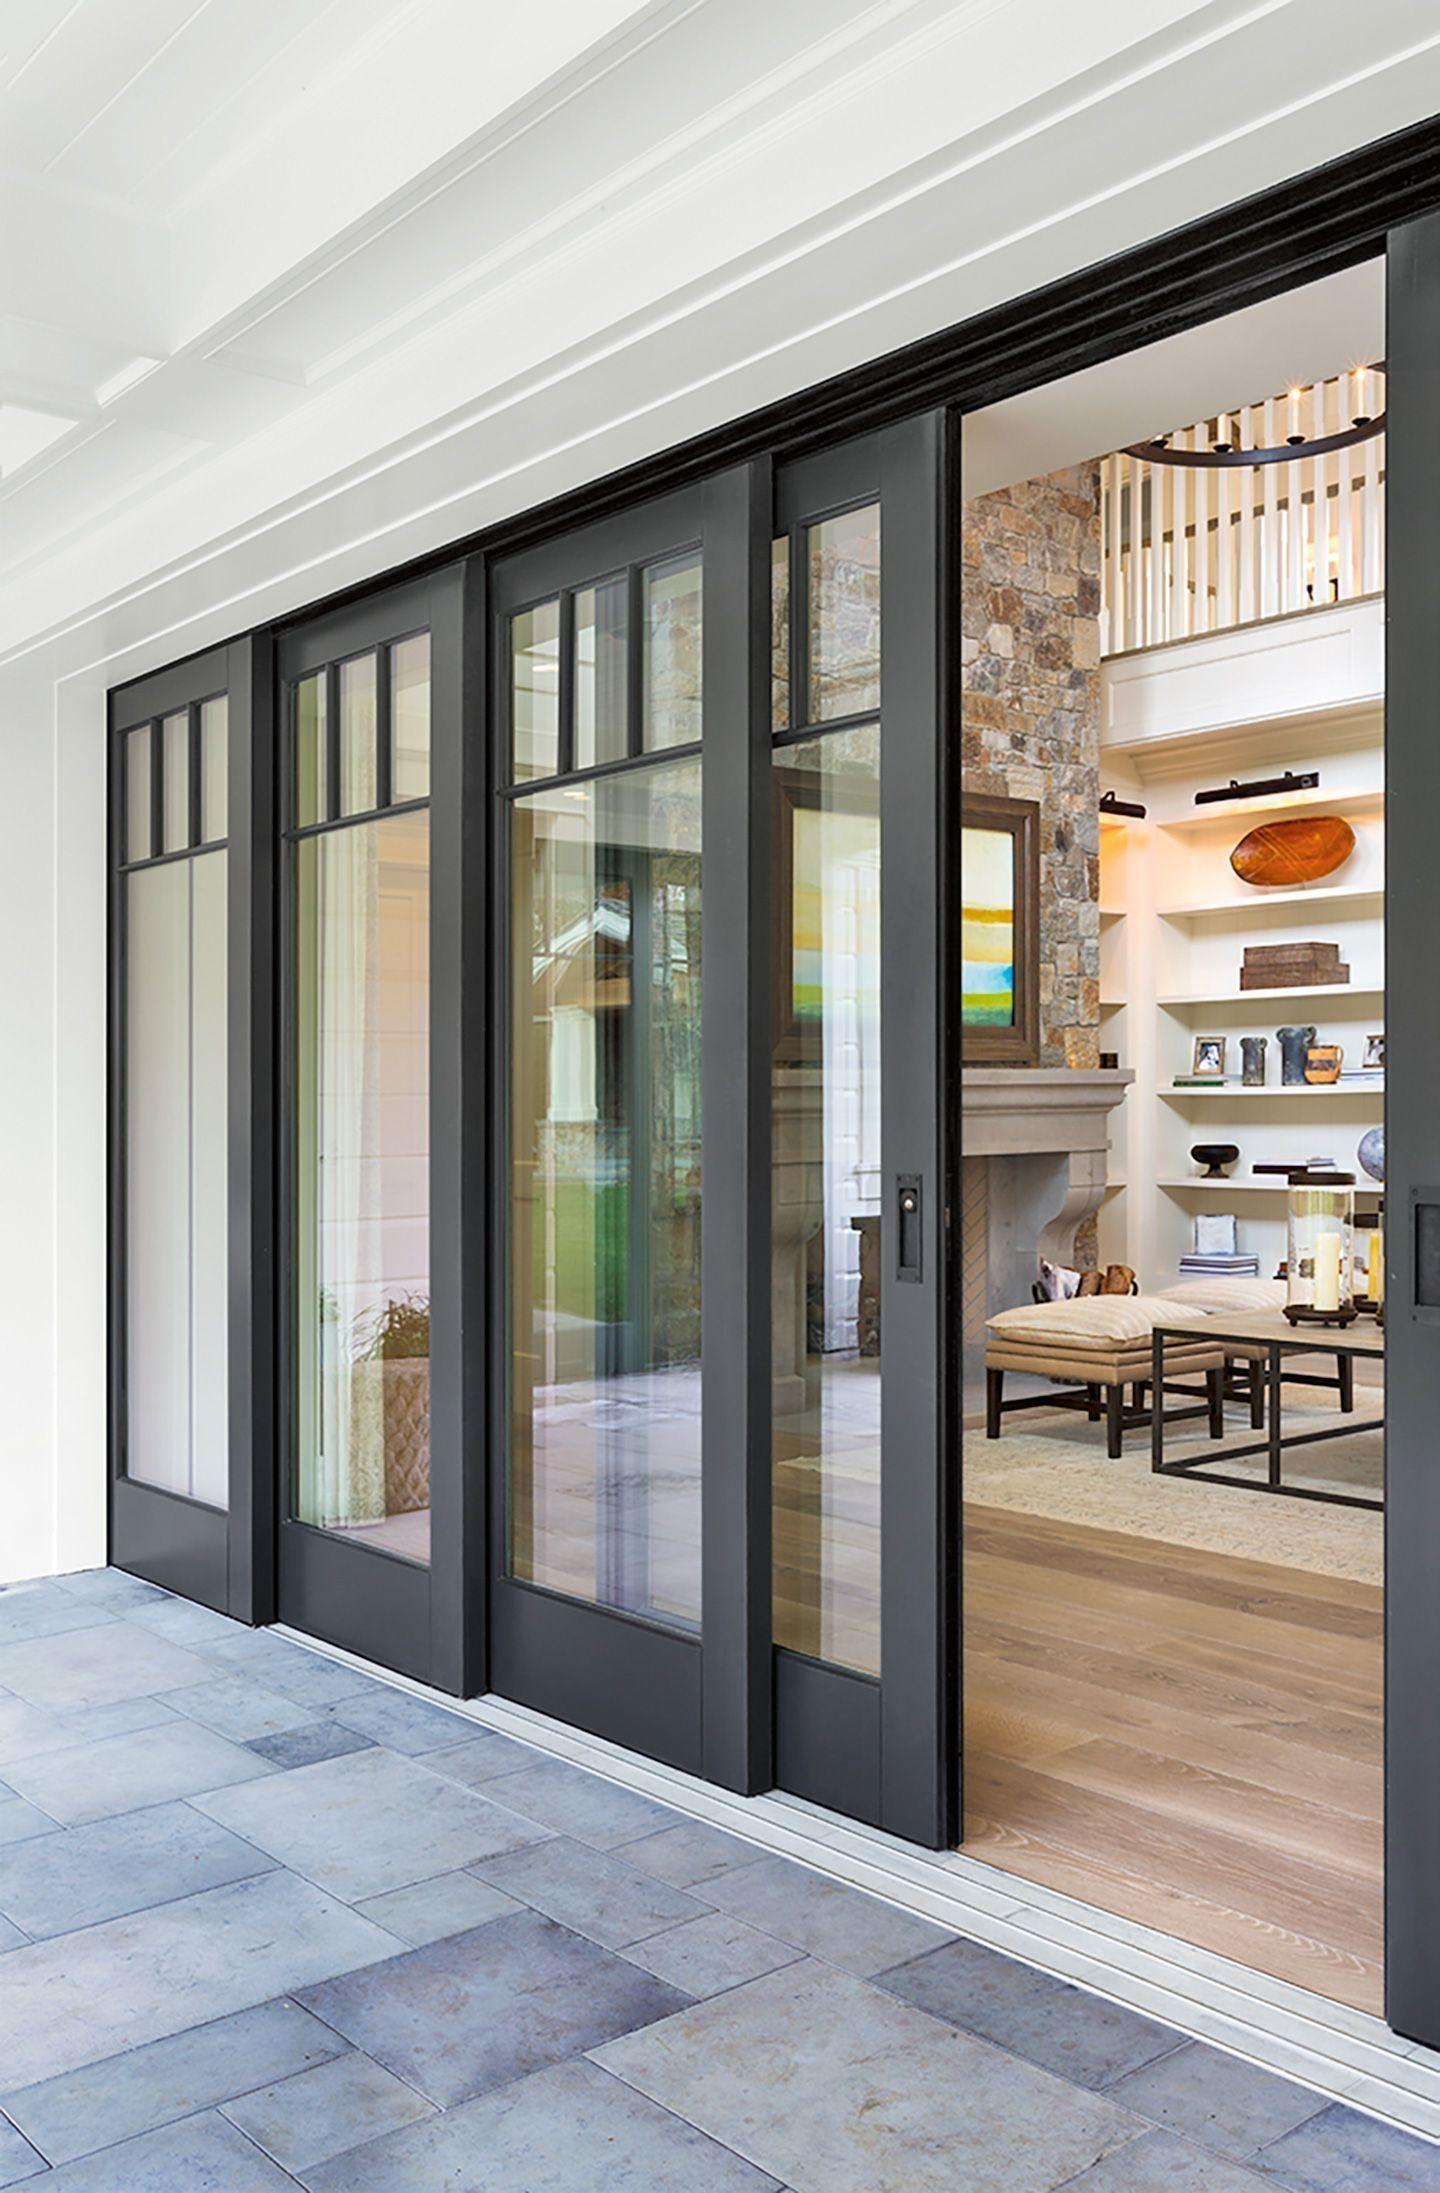 Get Inspiration For Your Home Renovations Harvey Patio Doors French Doors Exterior Patio Doors